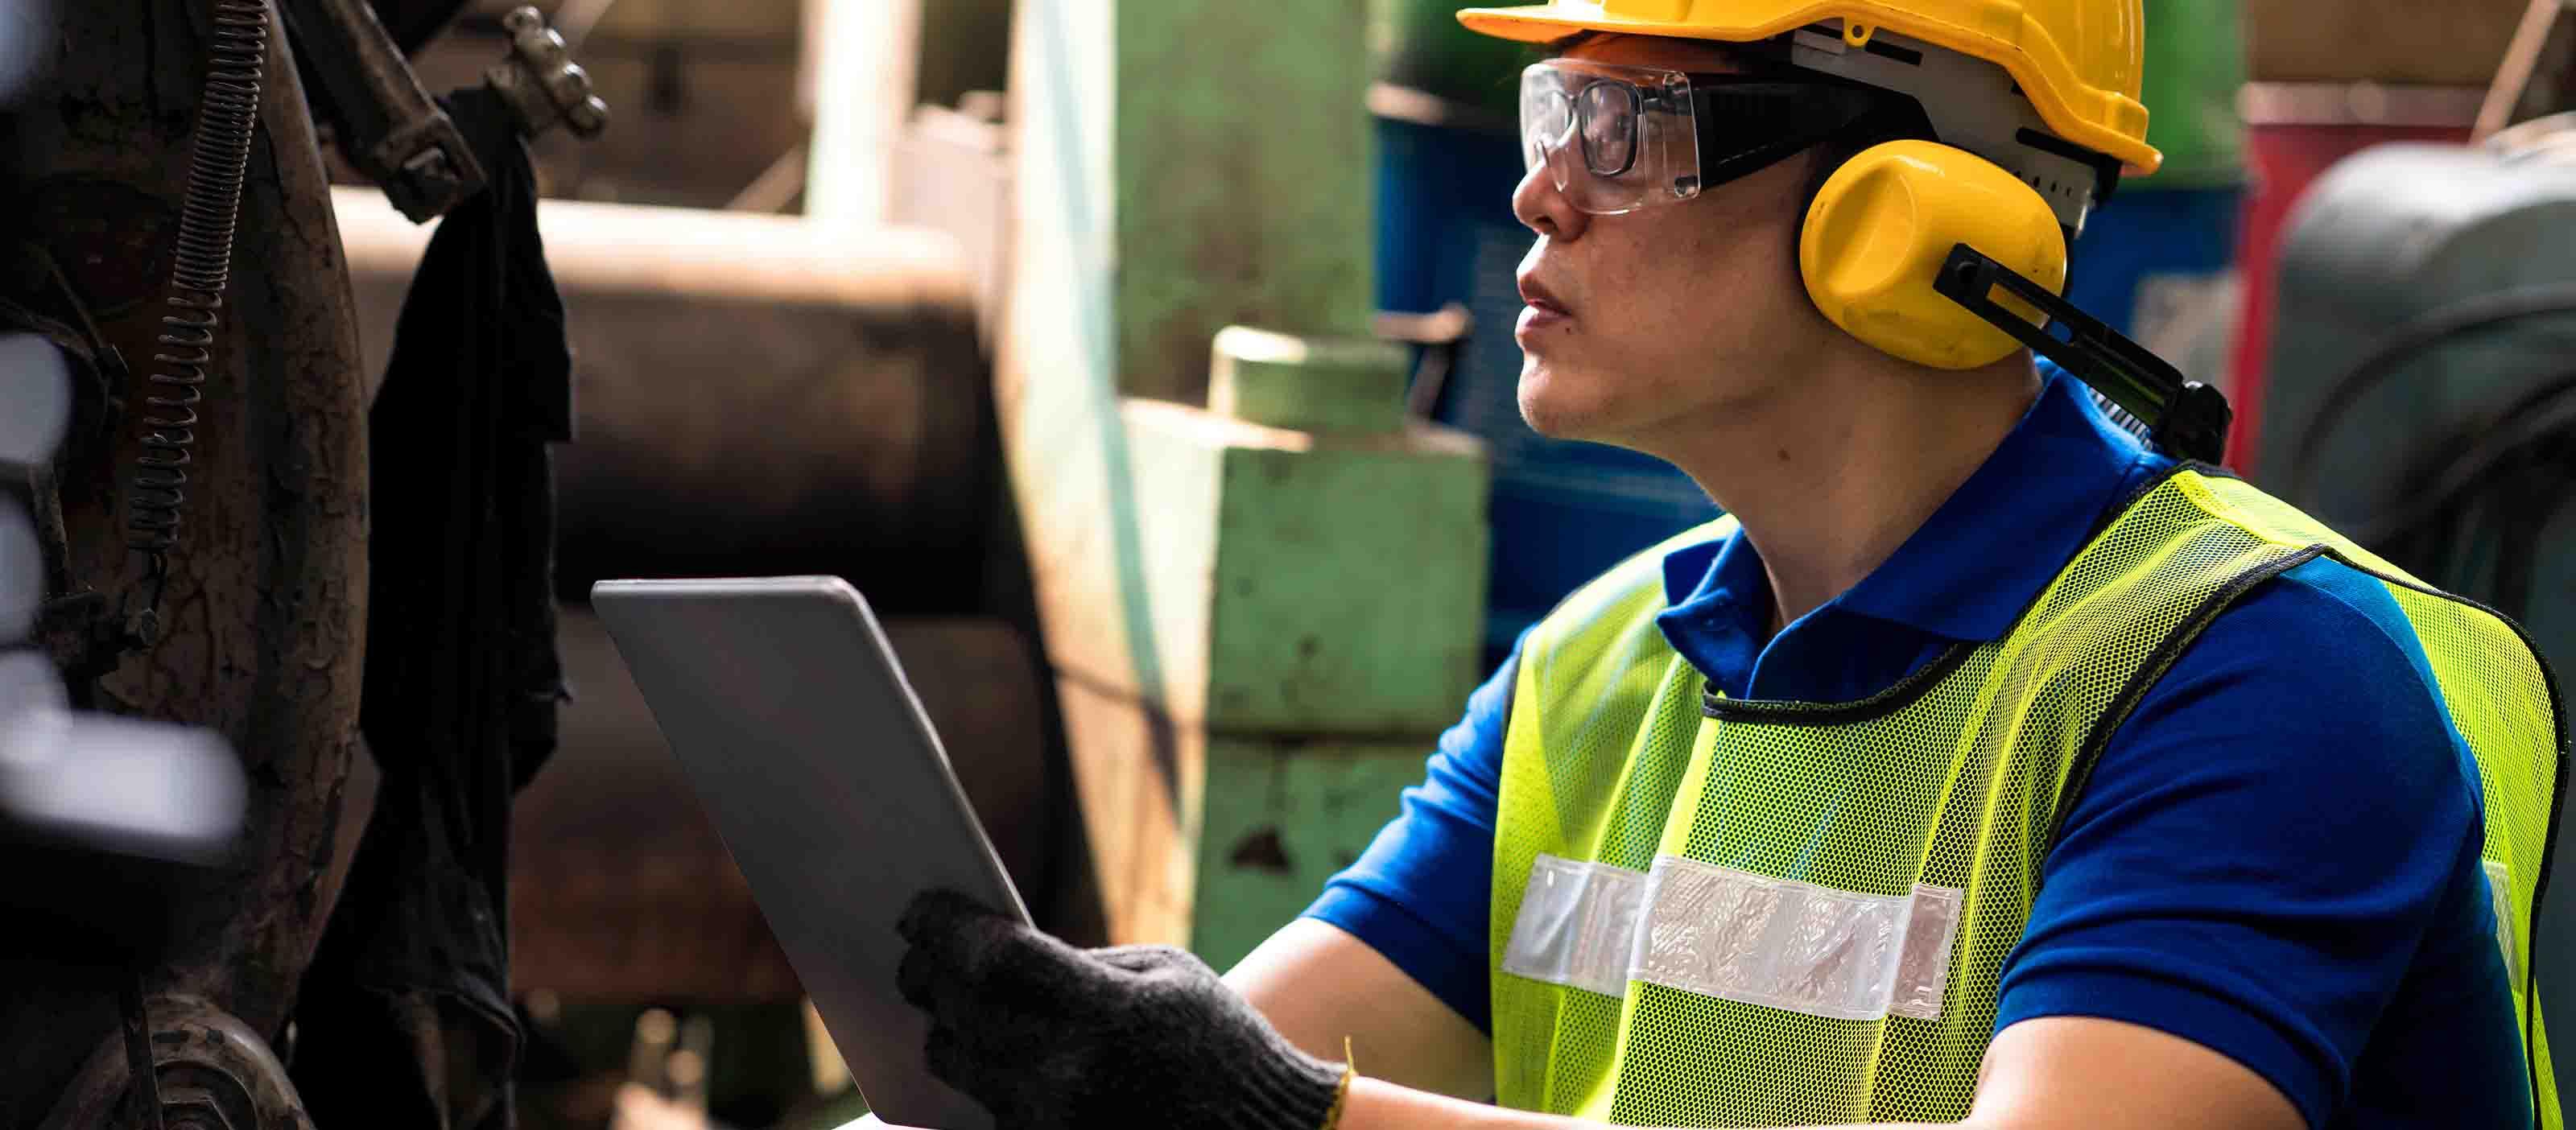 Industrial engineer using GE Digital automation software | Digital worker